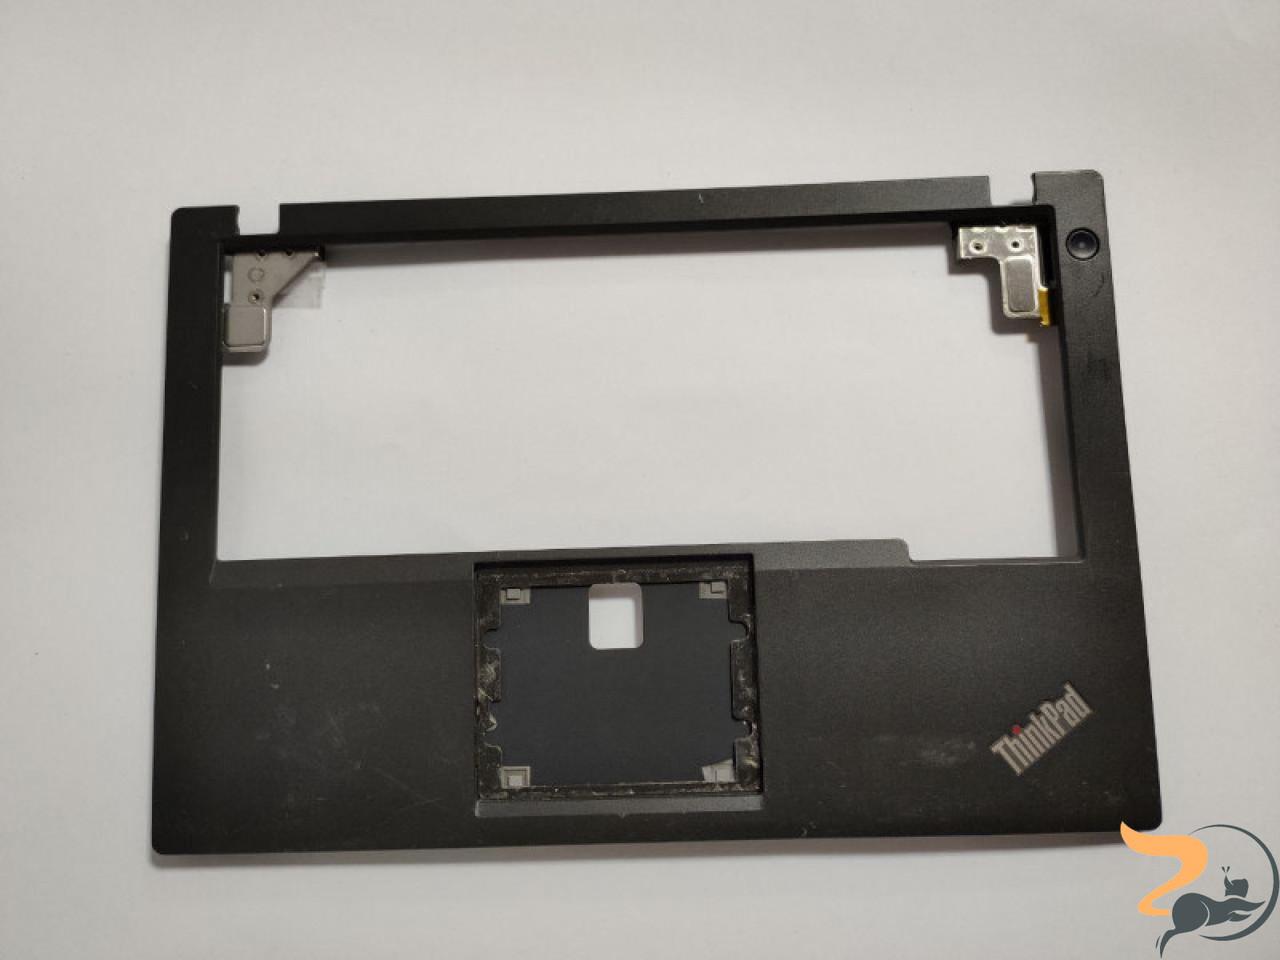 """Середня частина корпуса для ноутбука Lenovo Thinkpad X240, 250, 12.5"""", AP0SX000C00, 04X5181, б/в. Кріплення цілі, є маленька тріщинка біля тачпаду та"""